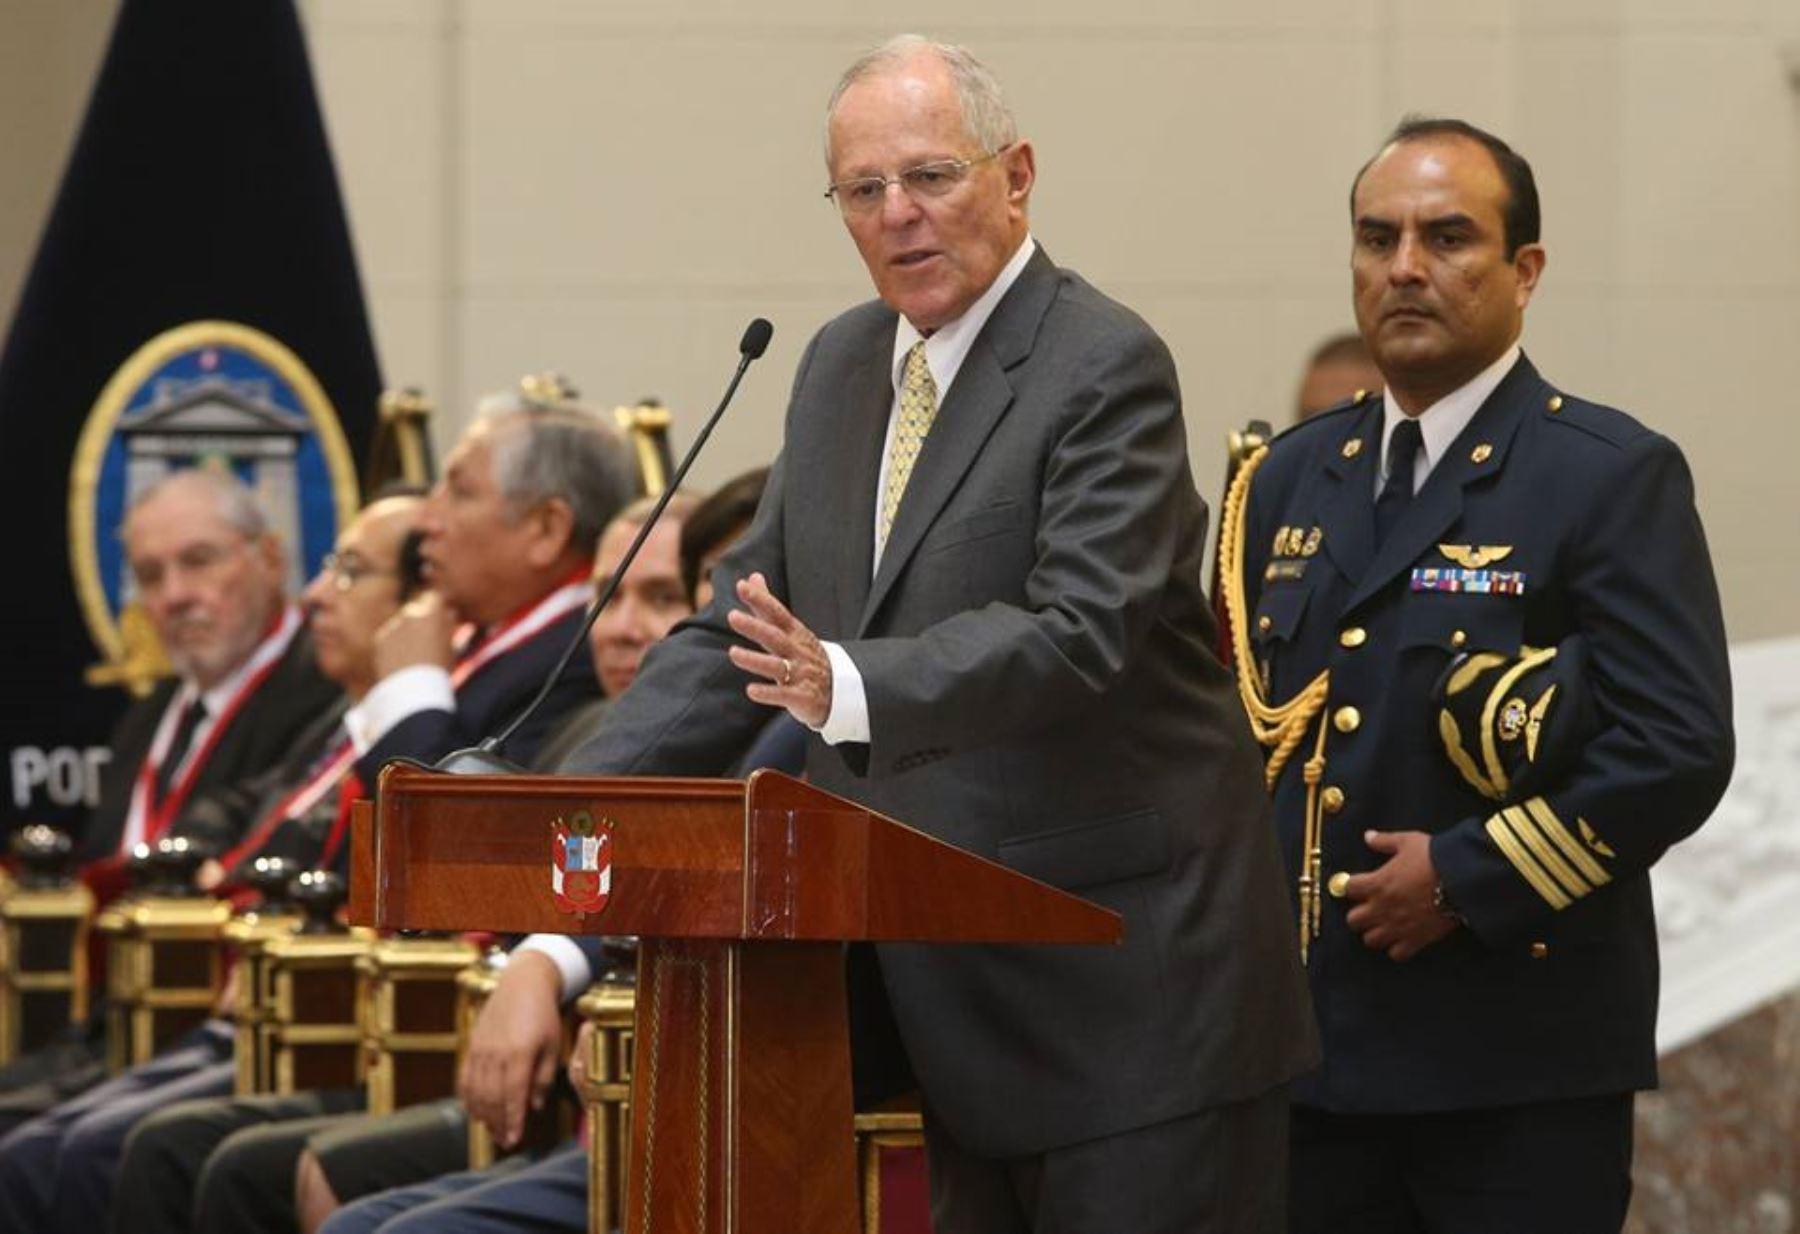 El presidente Pedro Pablo Kuvzynski dio un discurso en la ceremonia de designación del nuevo titular del PJ.